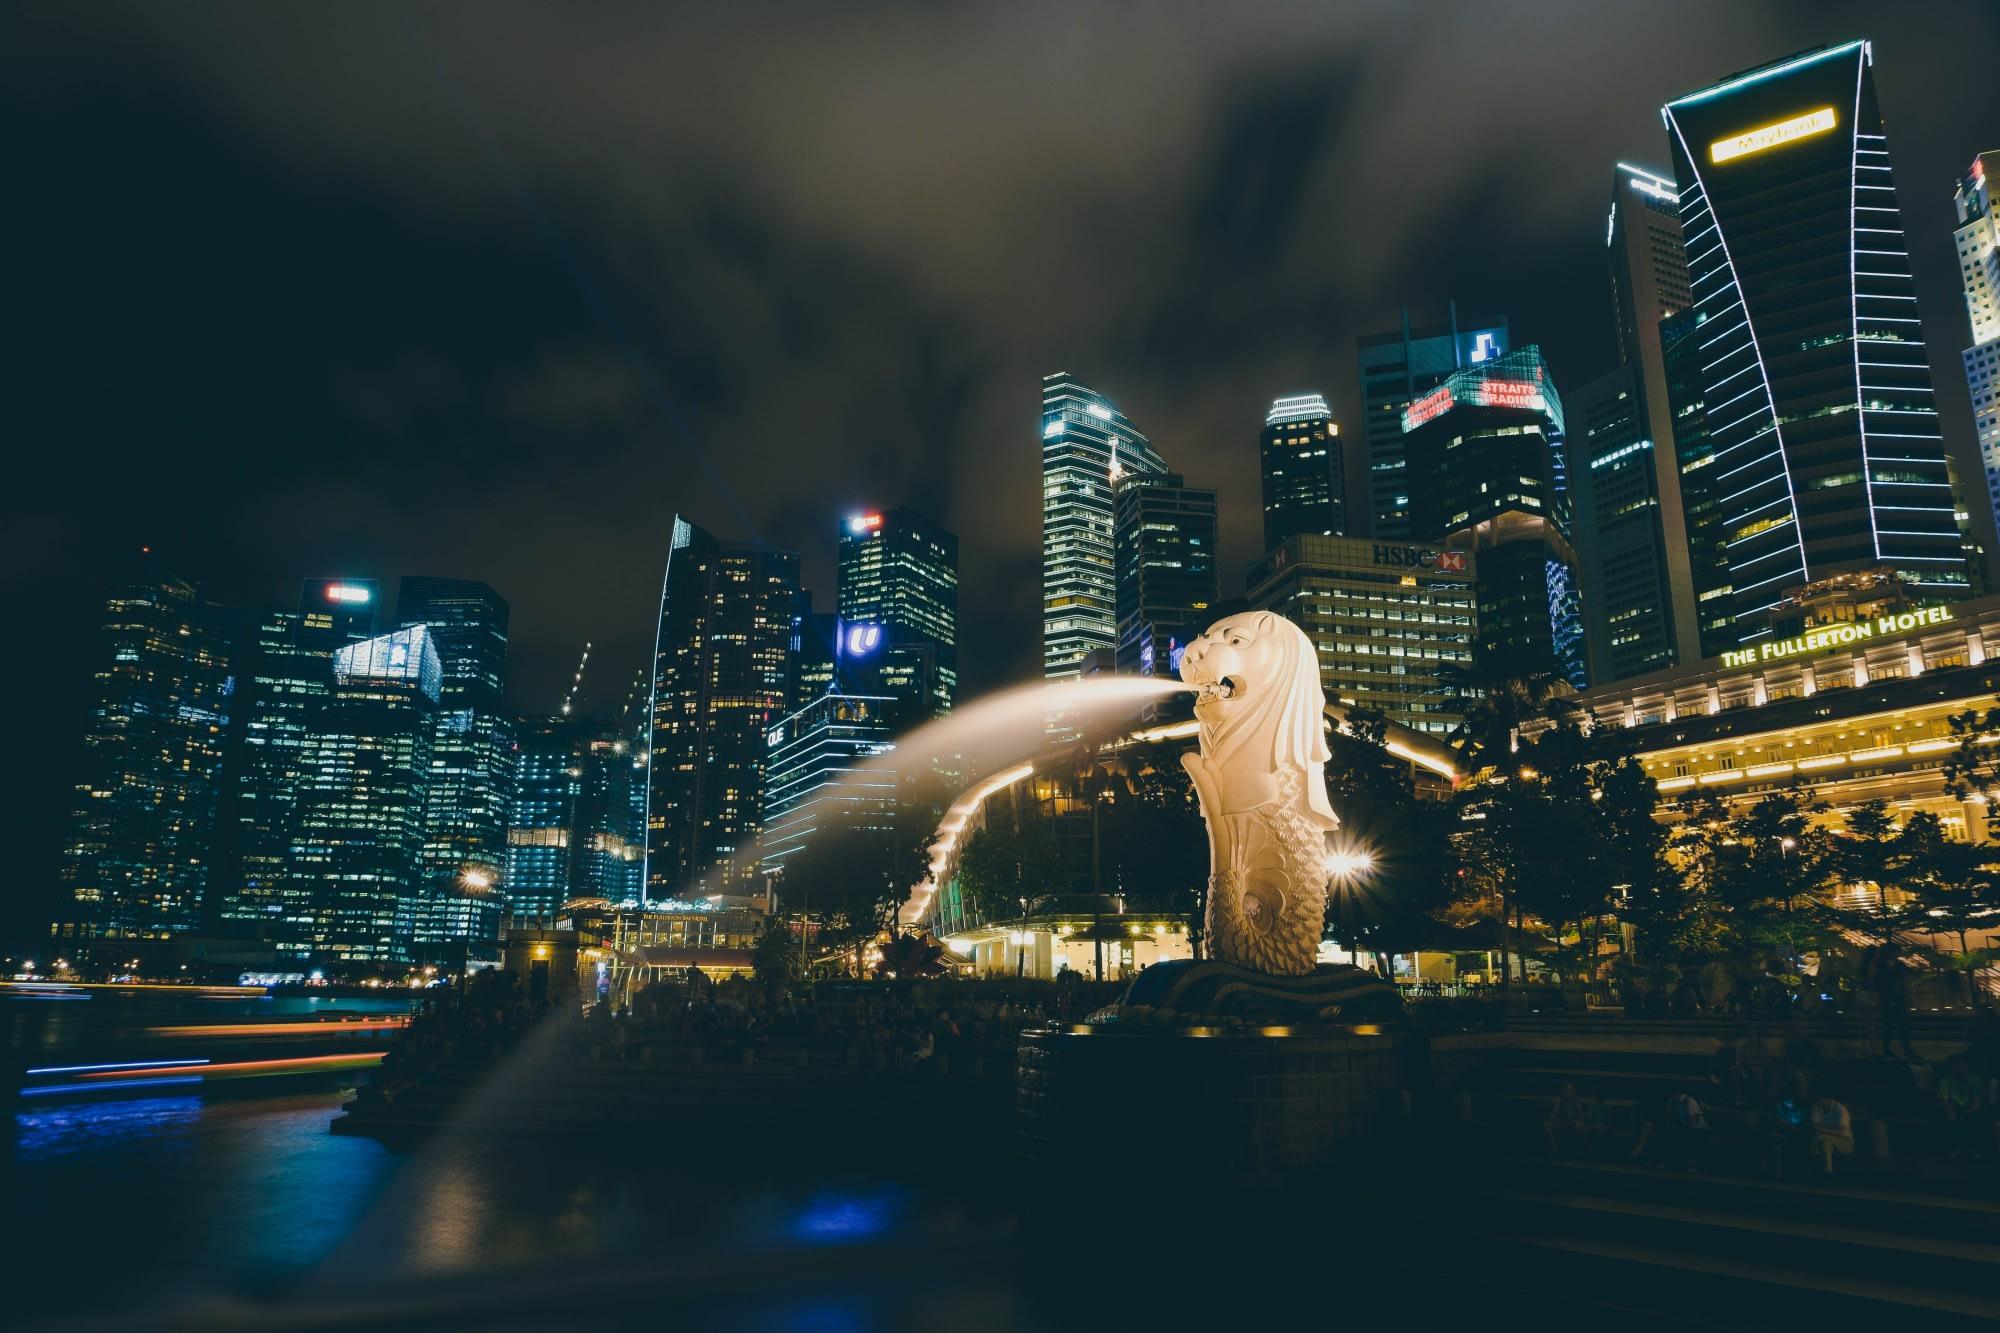 魚尾獅公園 Photo by Fancycrave on Unsplash